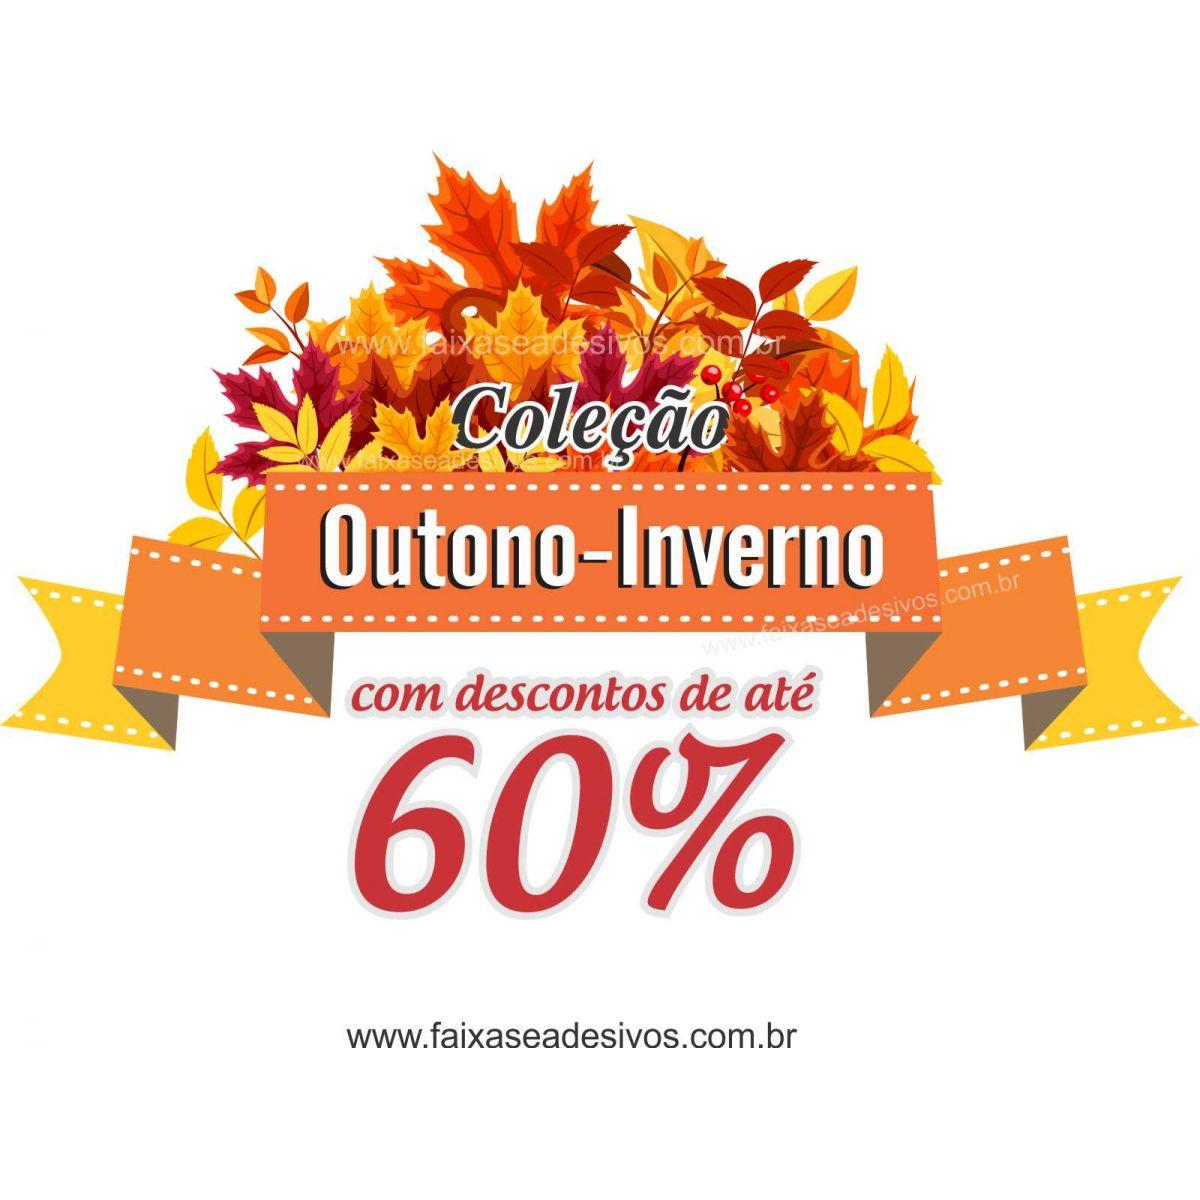 Adesivo Rivastigmina Bula ~ A613 Adesivo Outono Inverno Flamula de desconto FAC Signs Impress u00e3o Digital